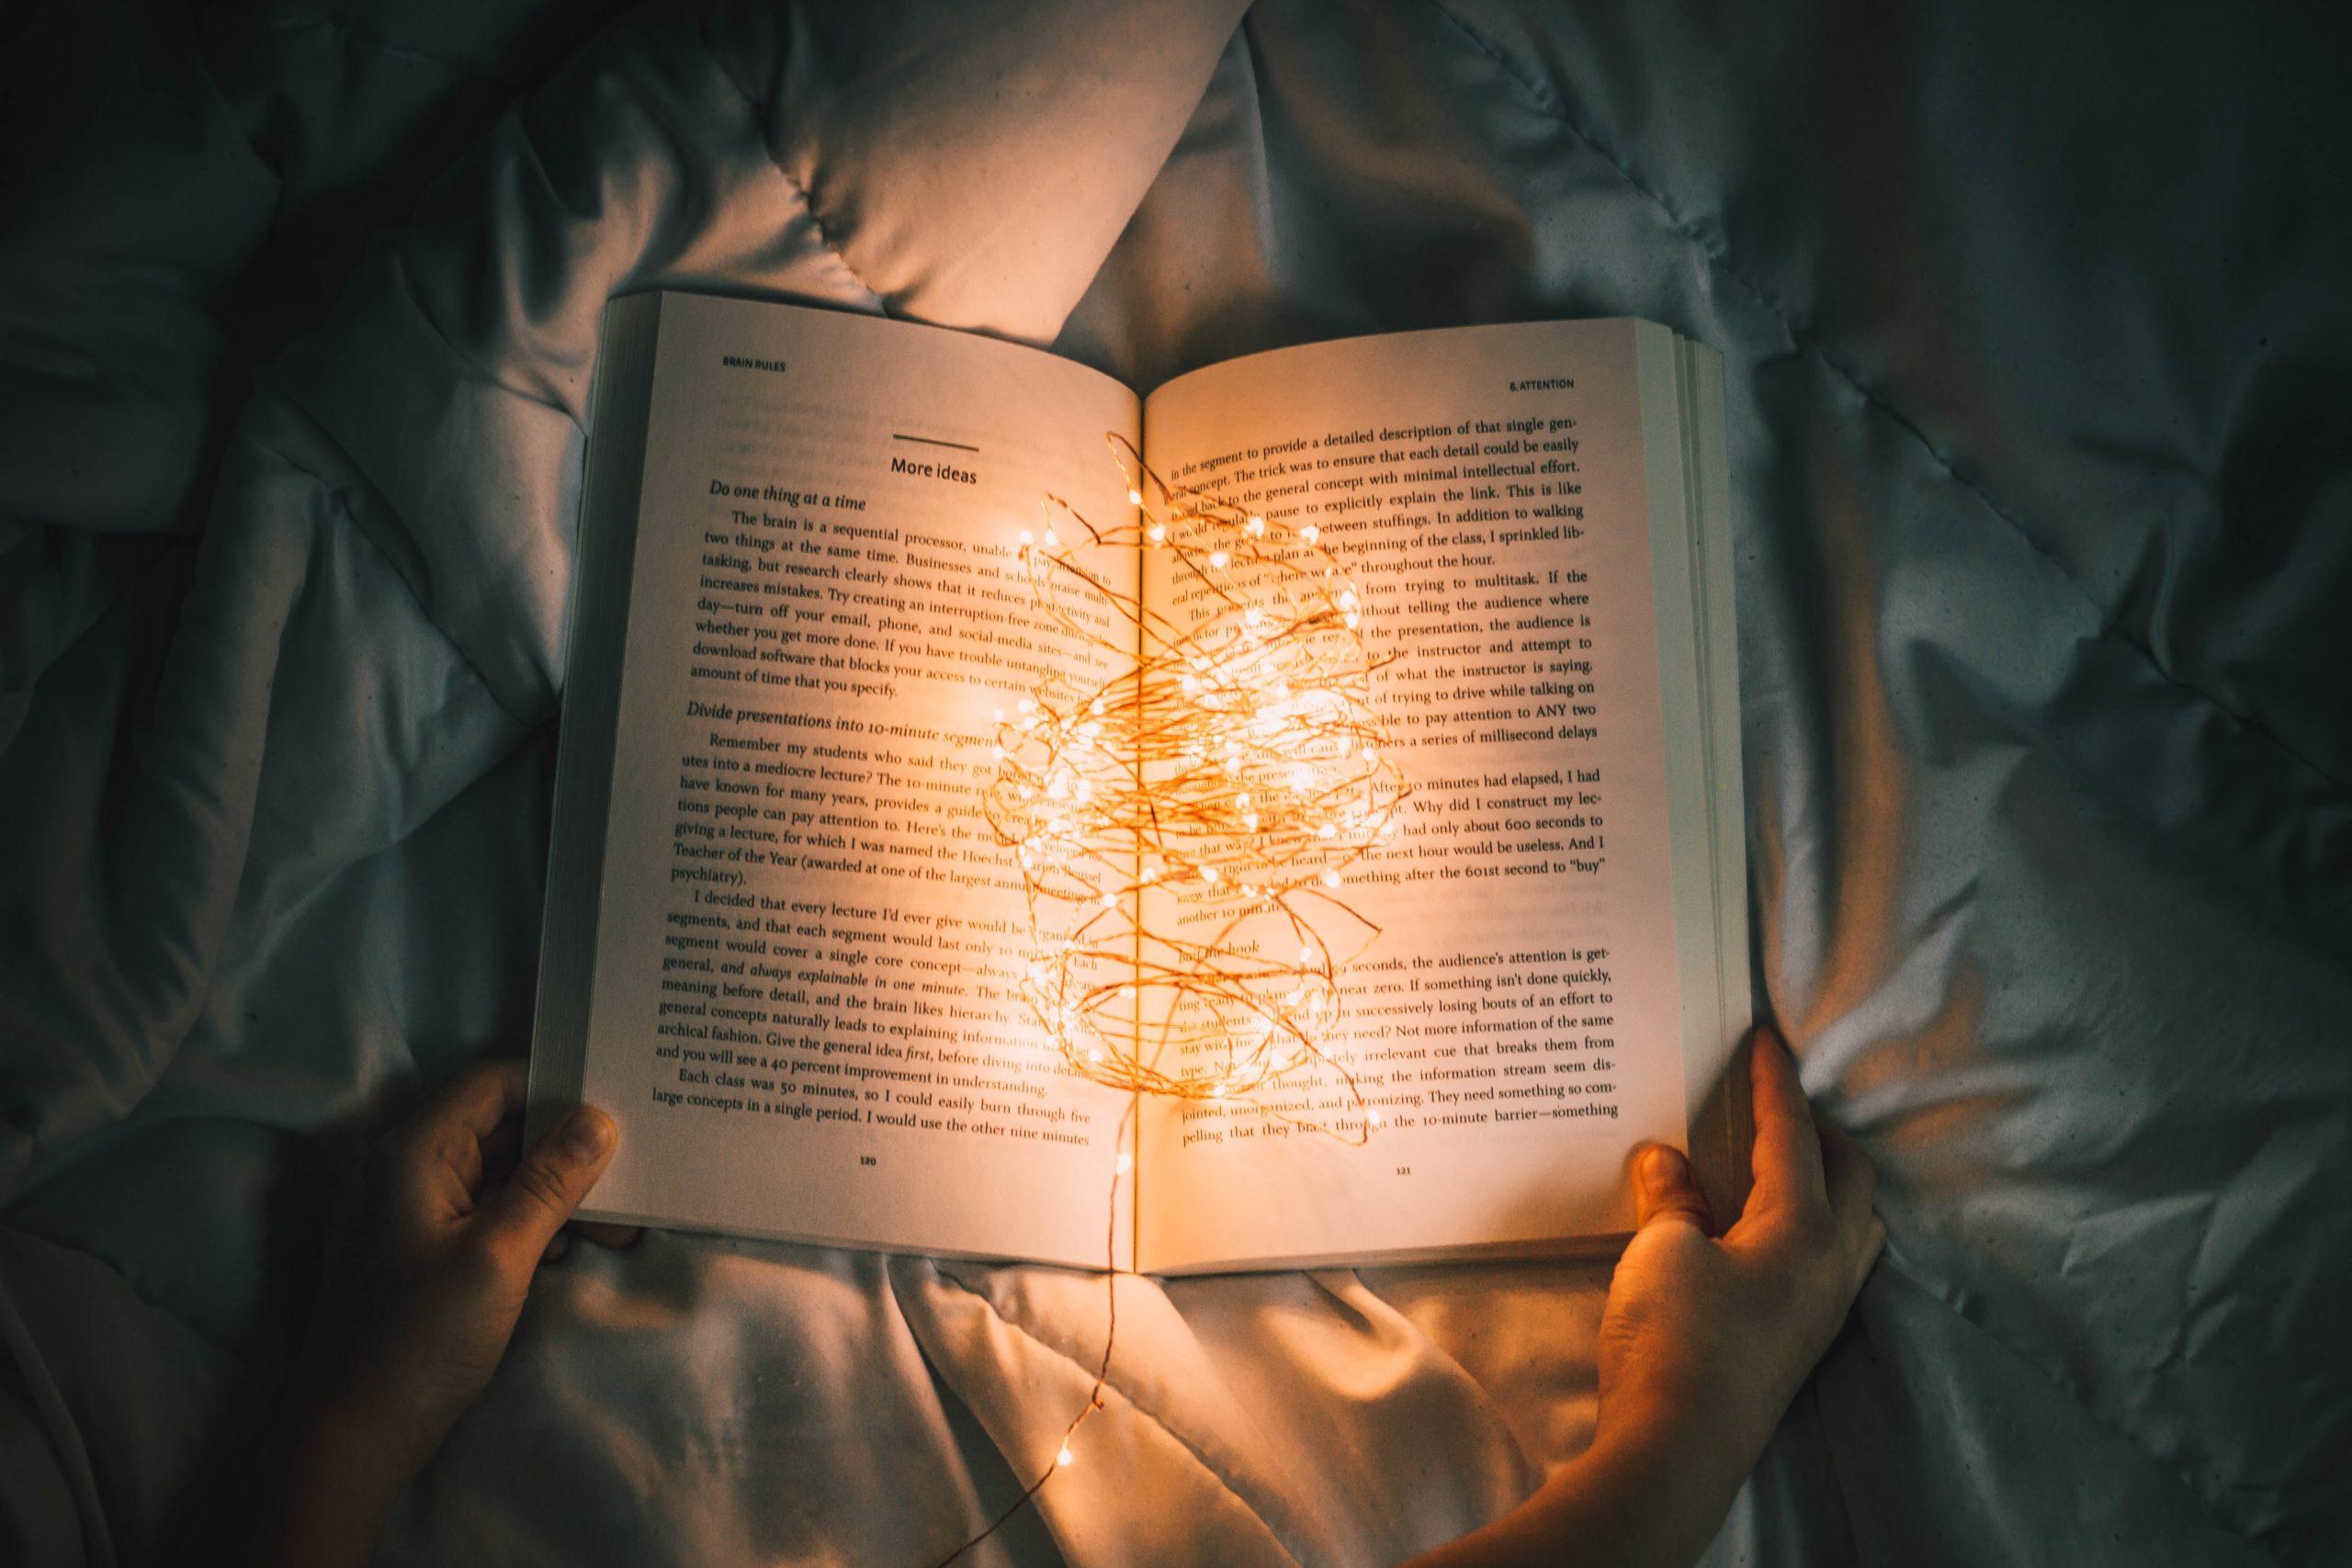 読み聞かせ 寝る前 読書